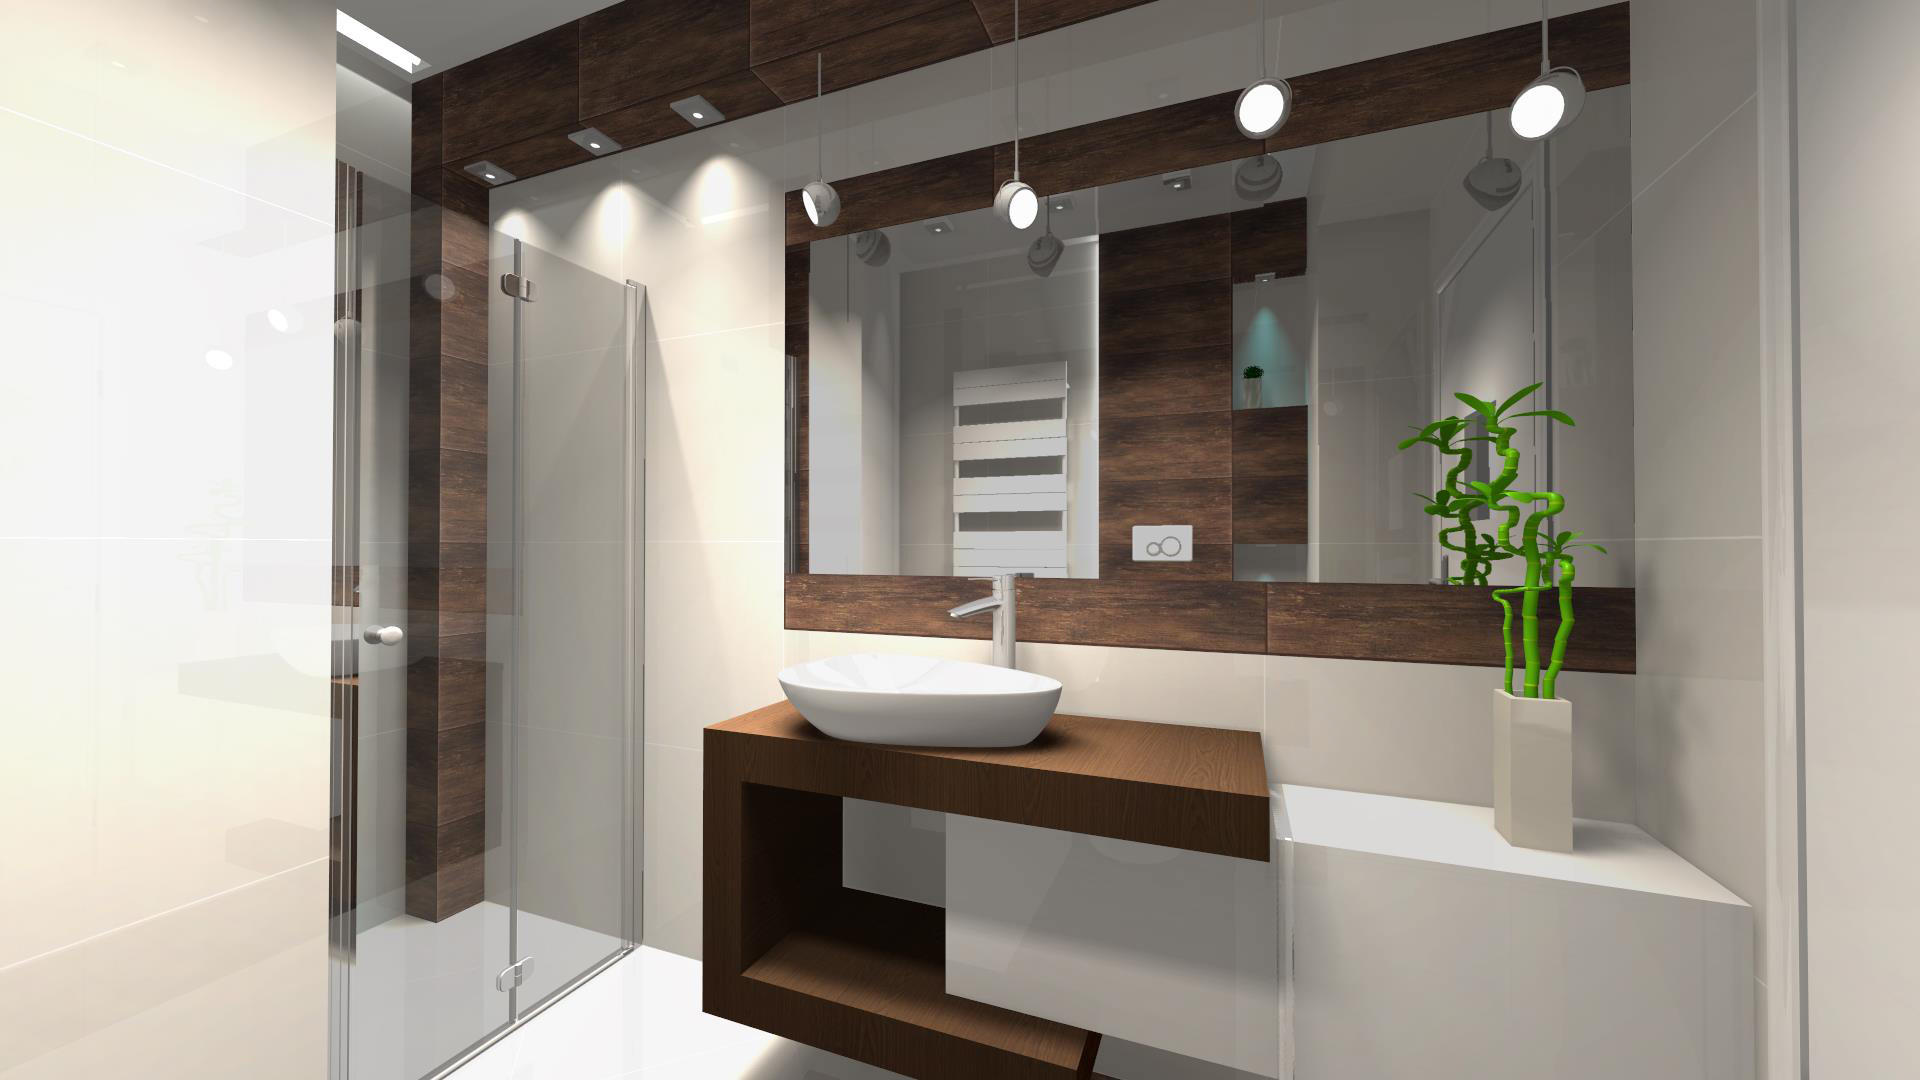 Programy Do Projektowania łazienki Sklep Zielonalazienkapl